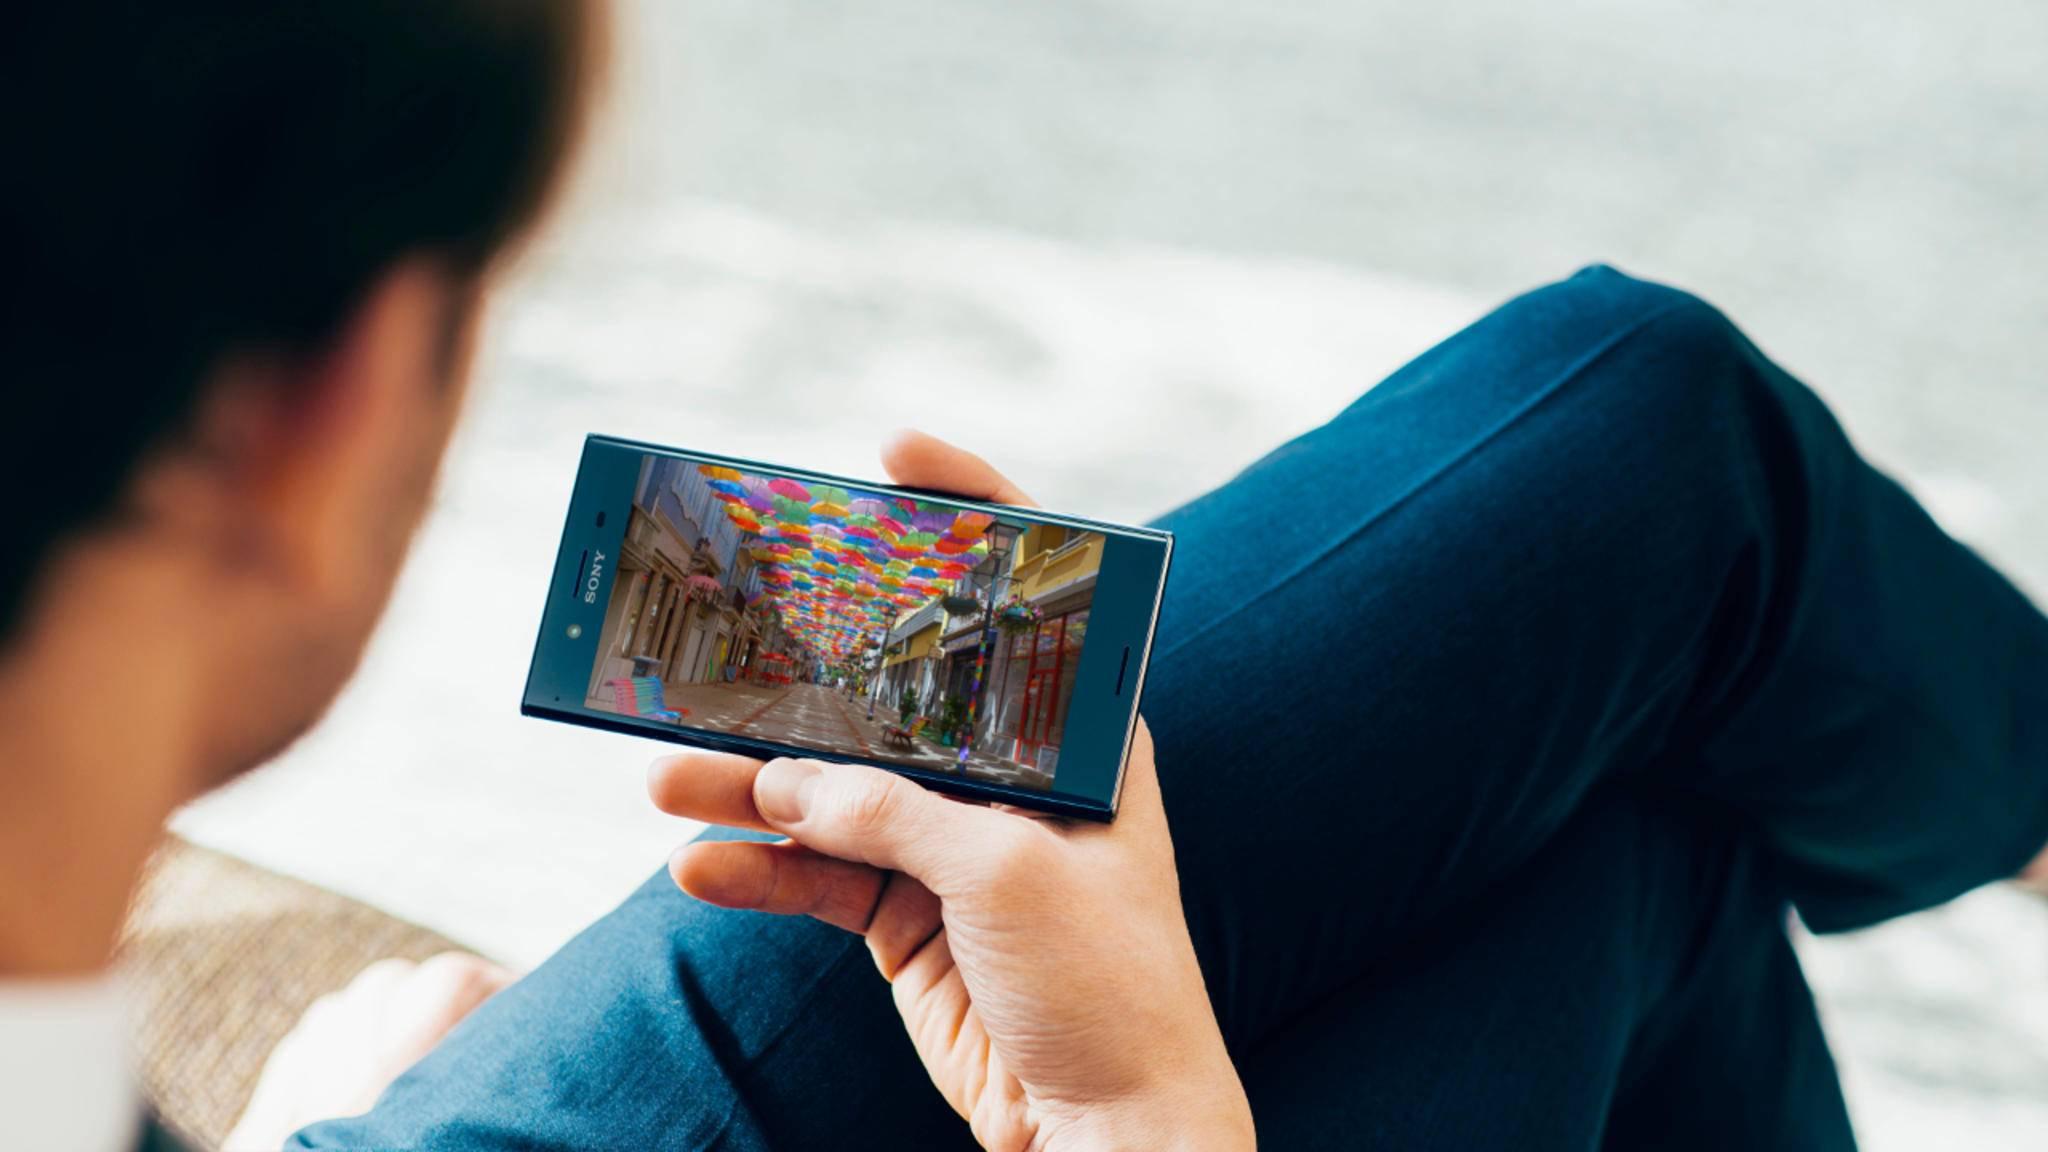 Das Xperia XZ Premium zählt zu den Sony-Smartphones mit einem geheimen 120-Hz-Modus.